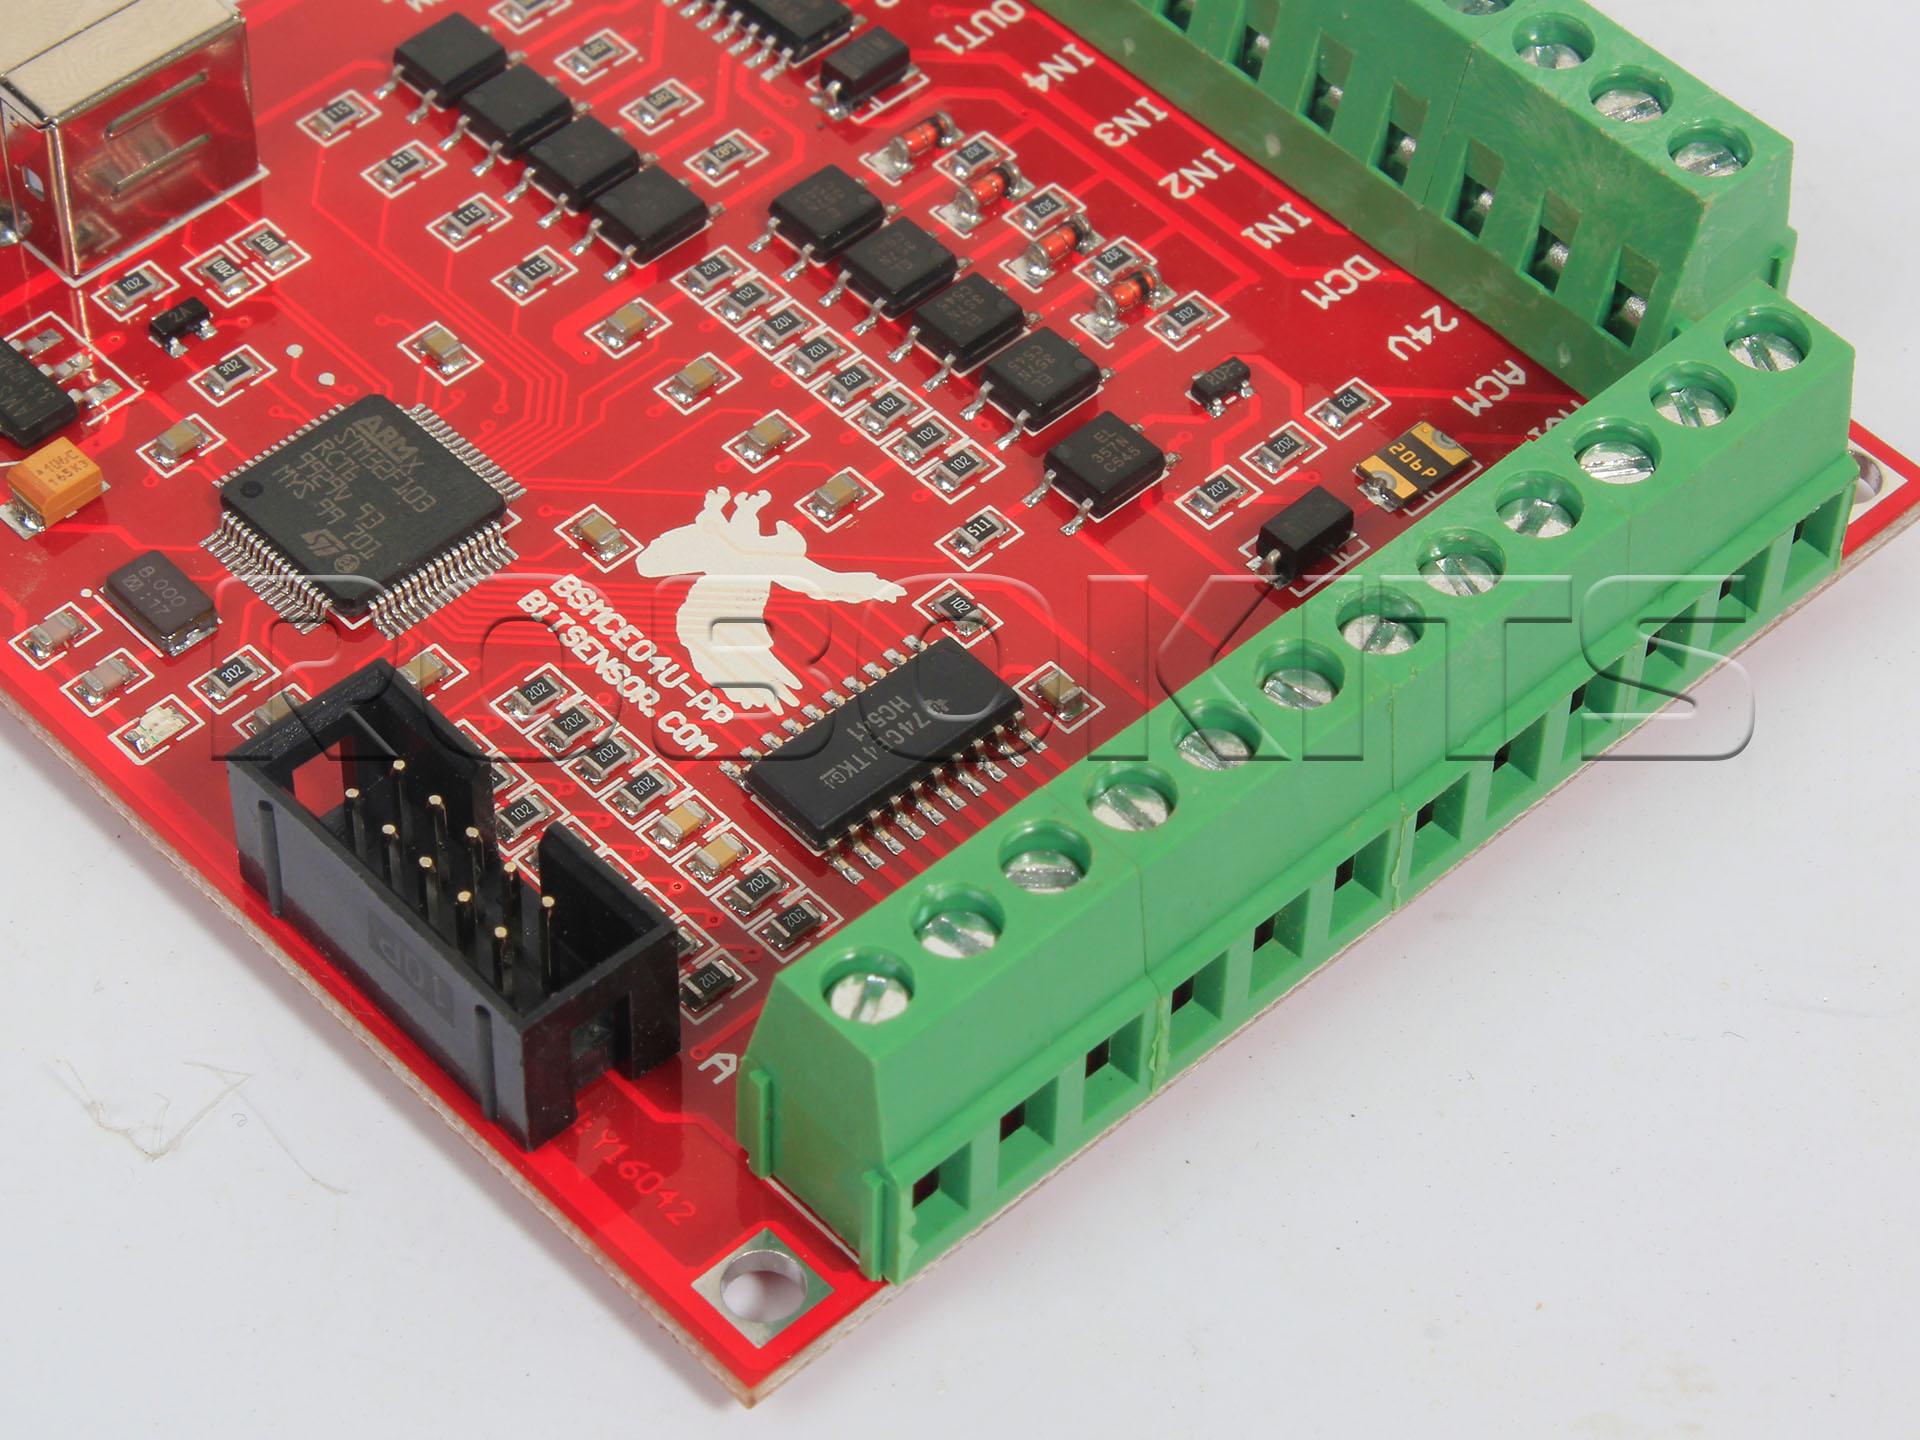 Usb Cnc Controller Mach3 4 Axis 100khz Interface Board Mk1